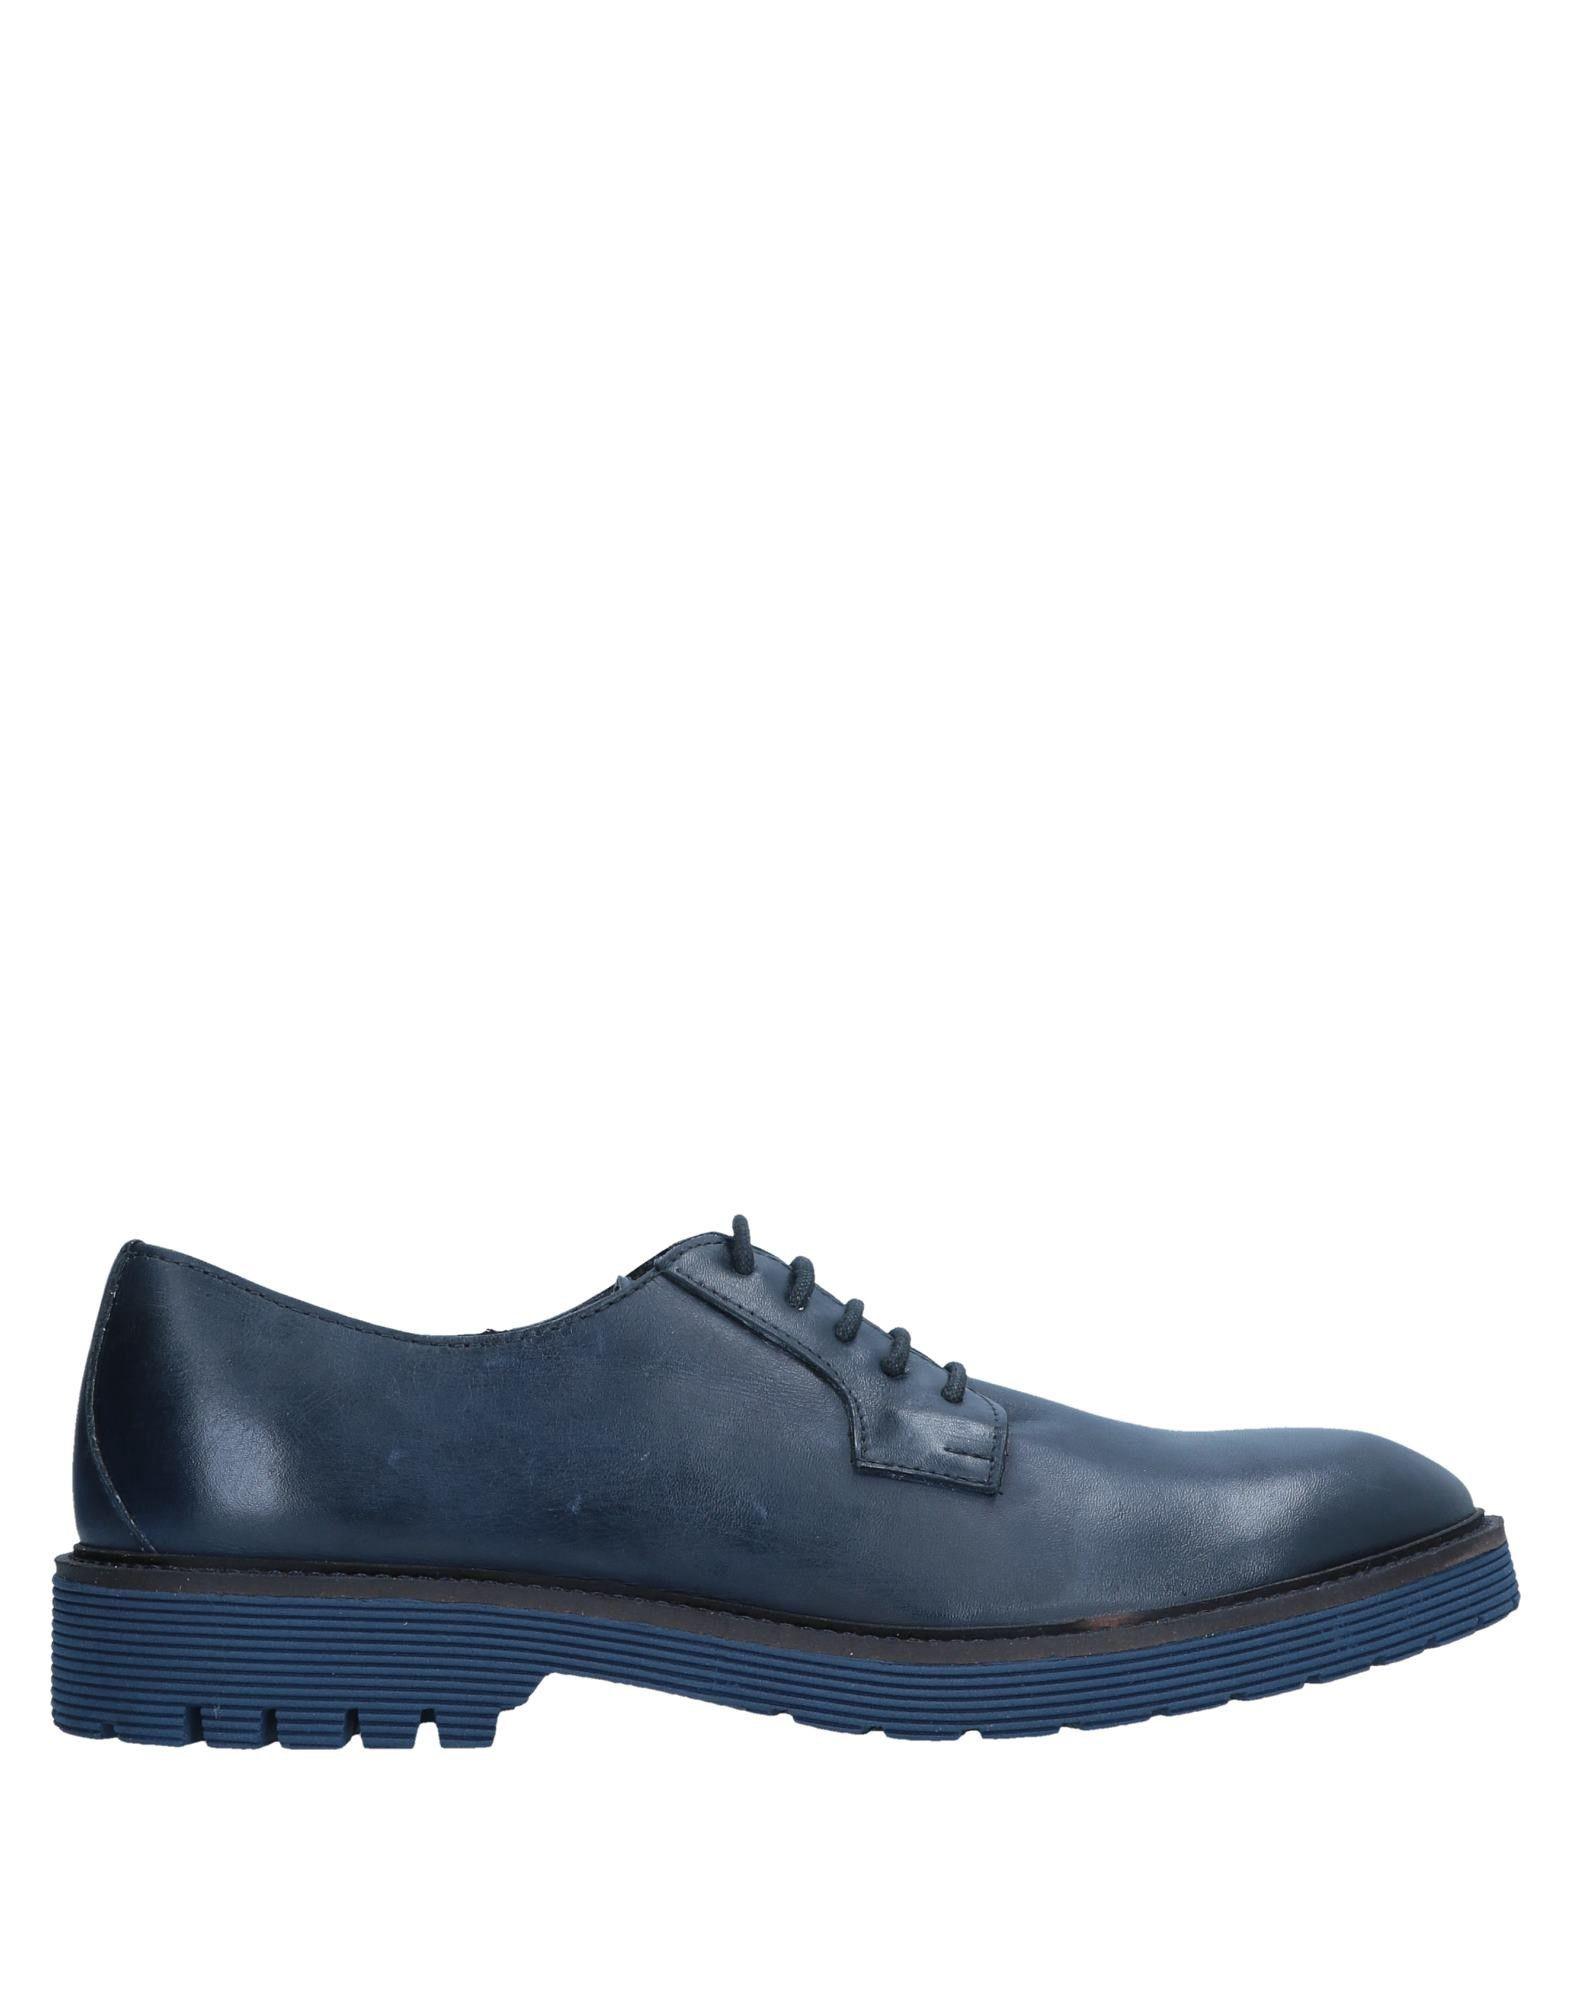 Bruno Verri Schnürschuhe Herren  11555183JV Gute Qualität beliebte Schuhe